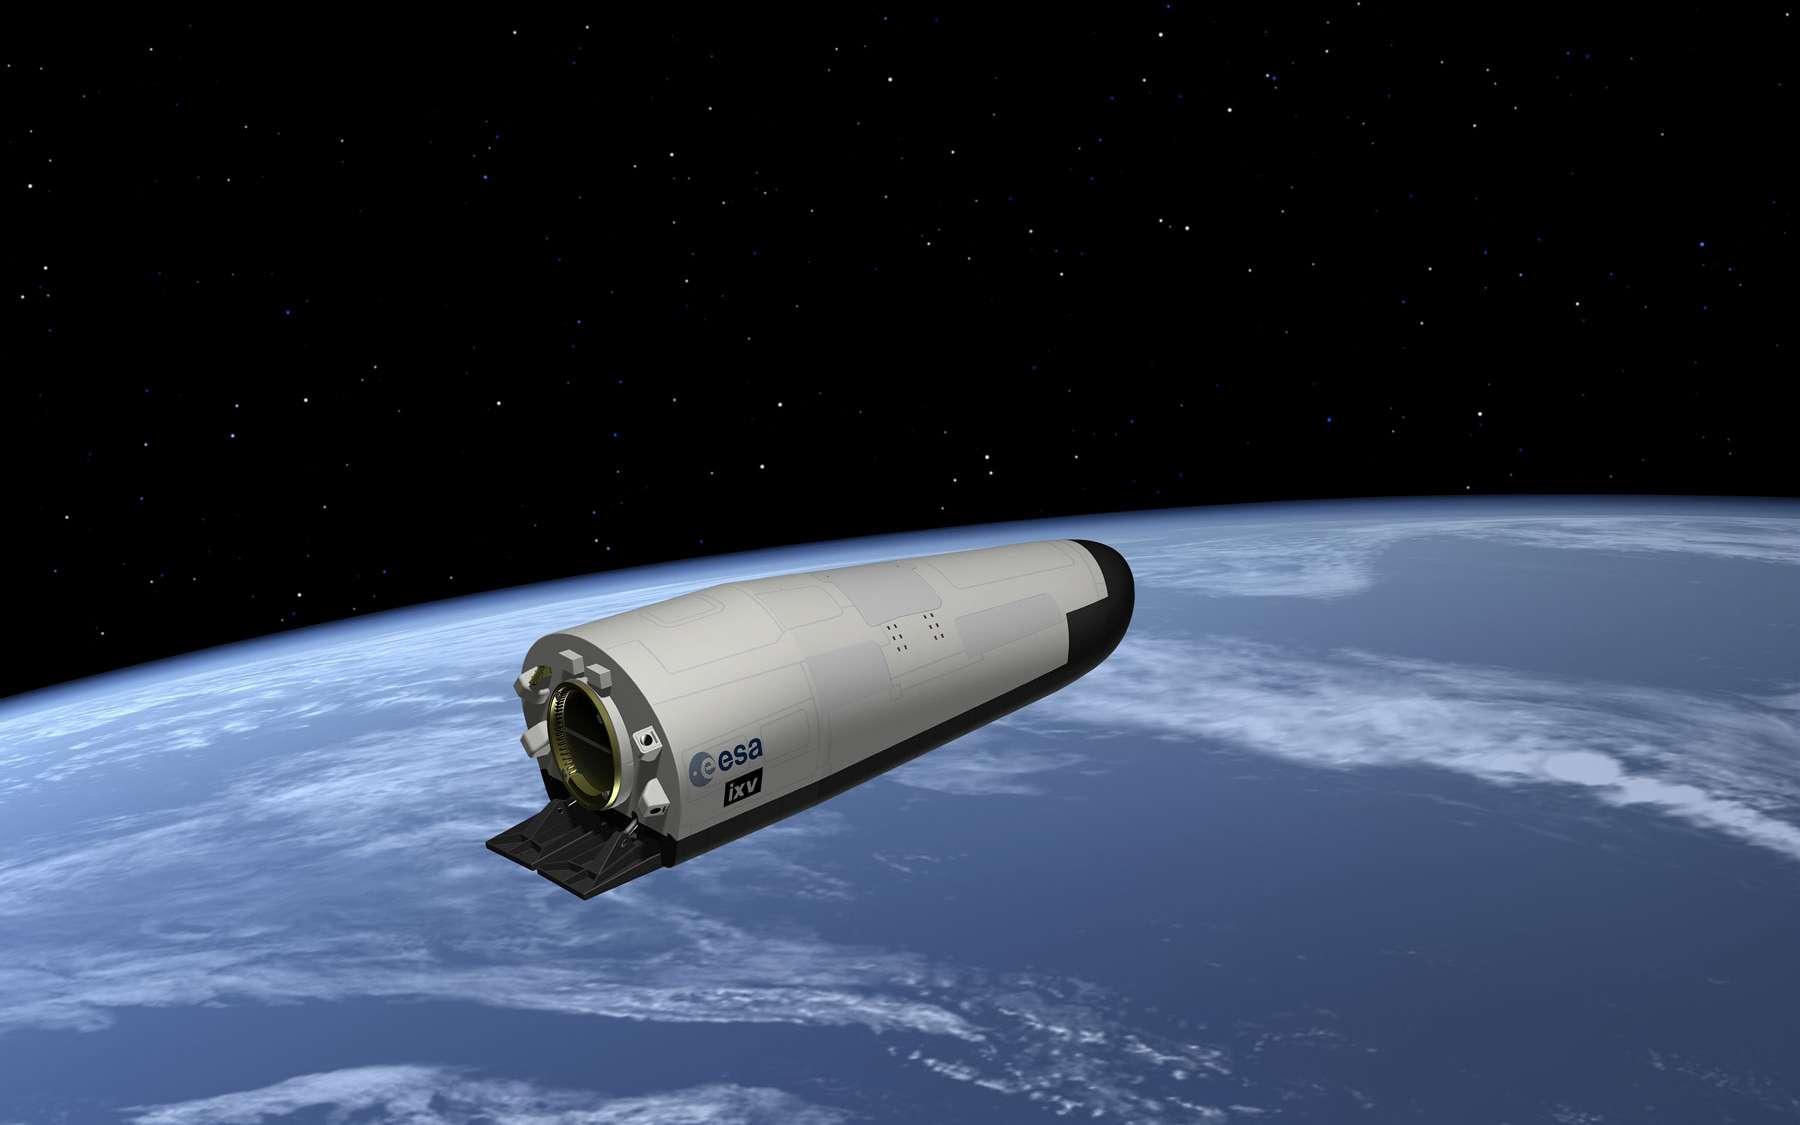 L'IXV est un véhicule de retour d'orbite qui fait suite au démonstrateur de rentrée balistique ARD lancé en 1998. Il réutilise une partie des études réalisées pour l'avion spatial Hermès. © Esa, J. Huart